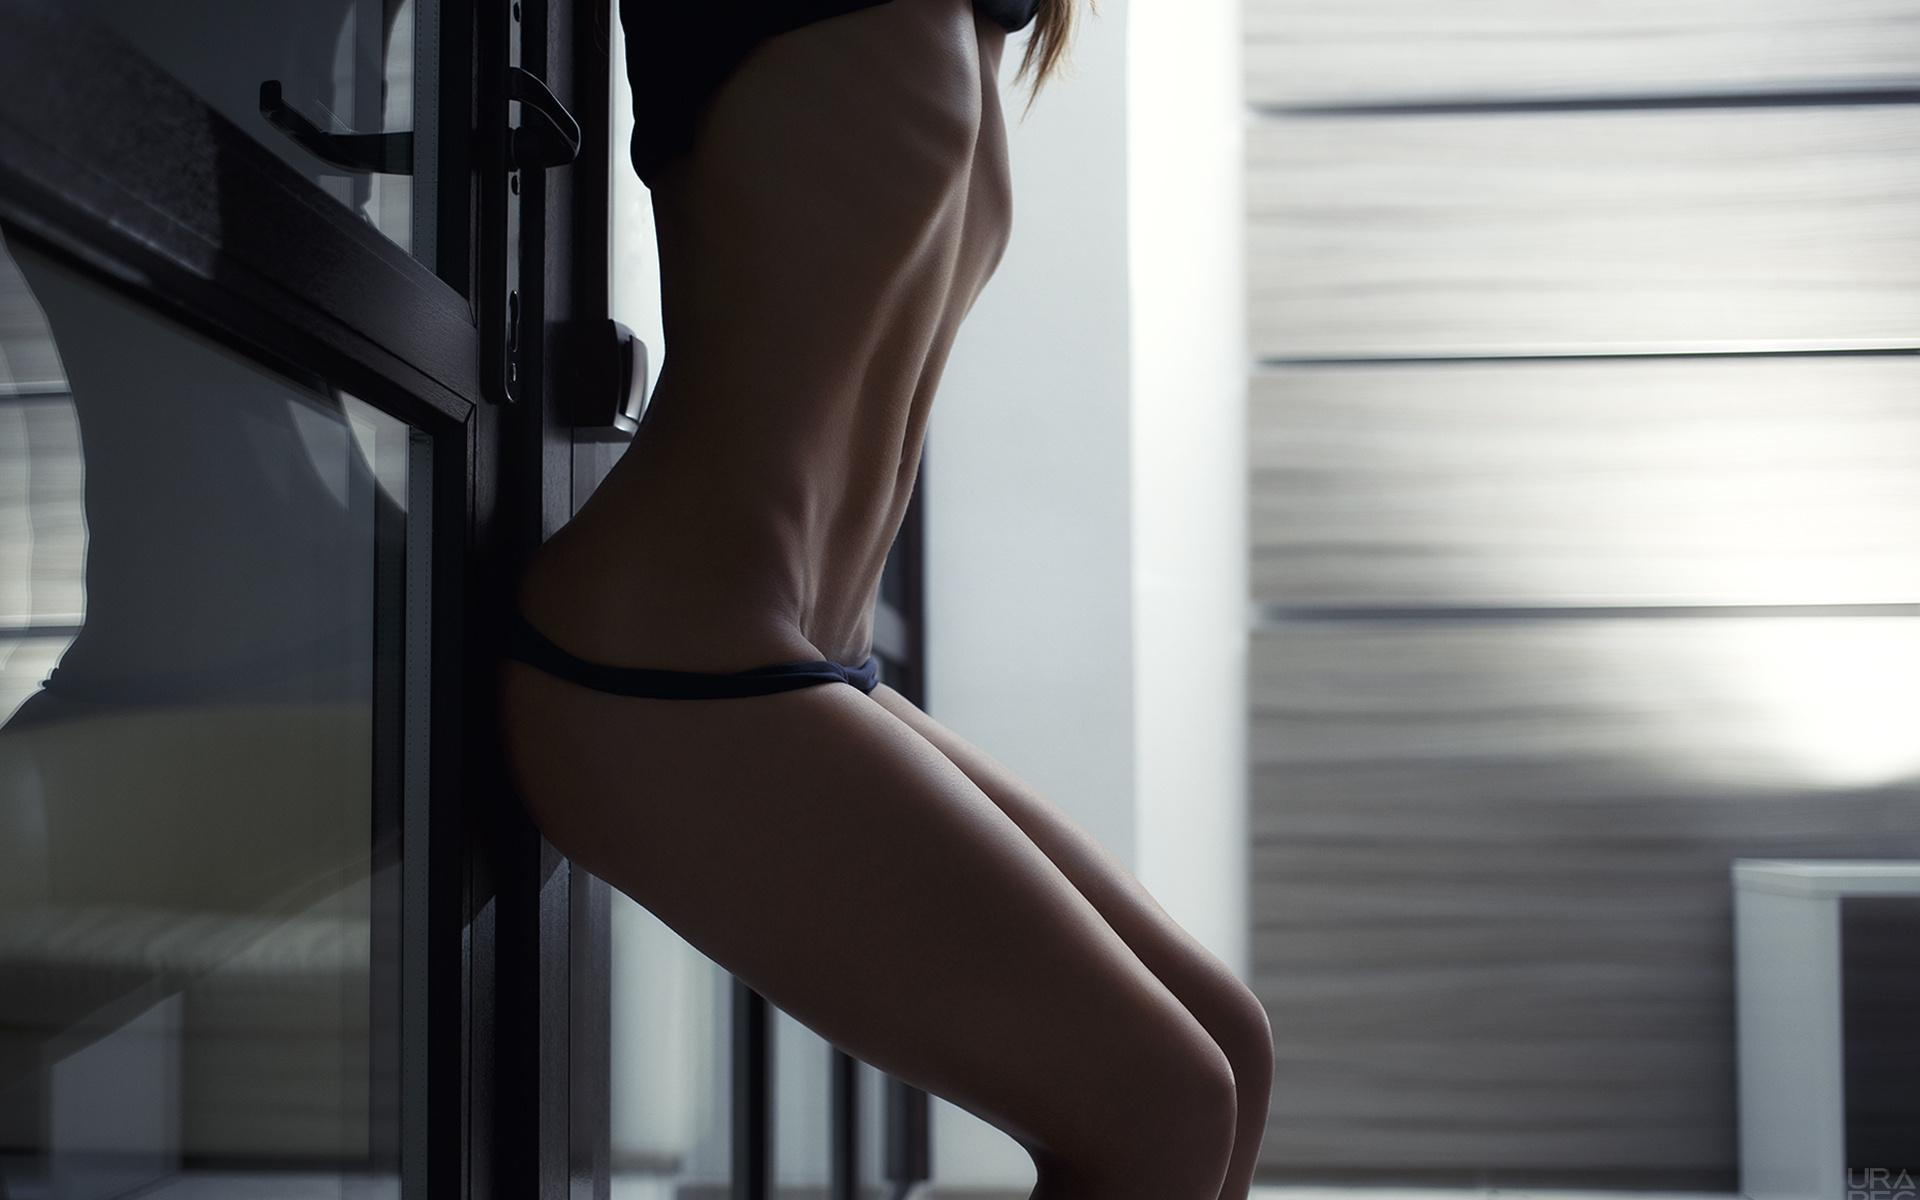 упругие тела девушек хорошо